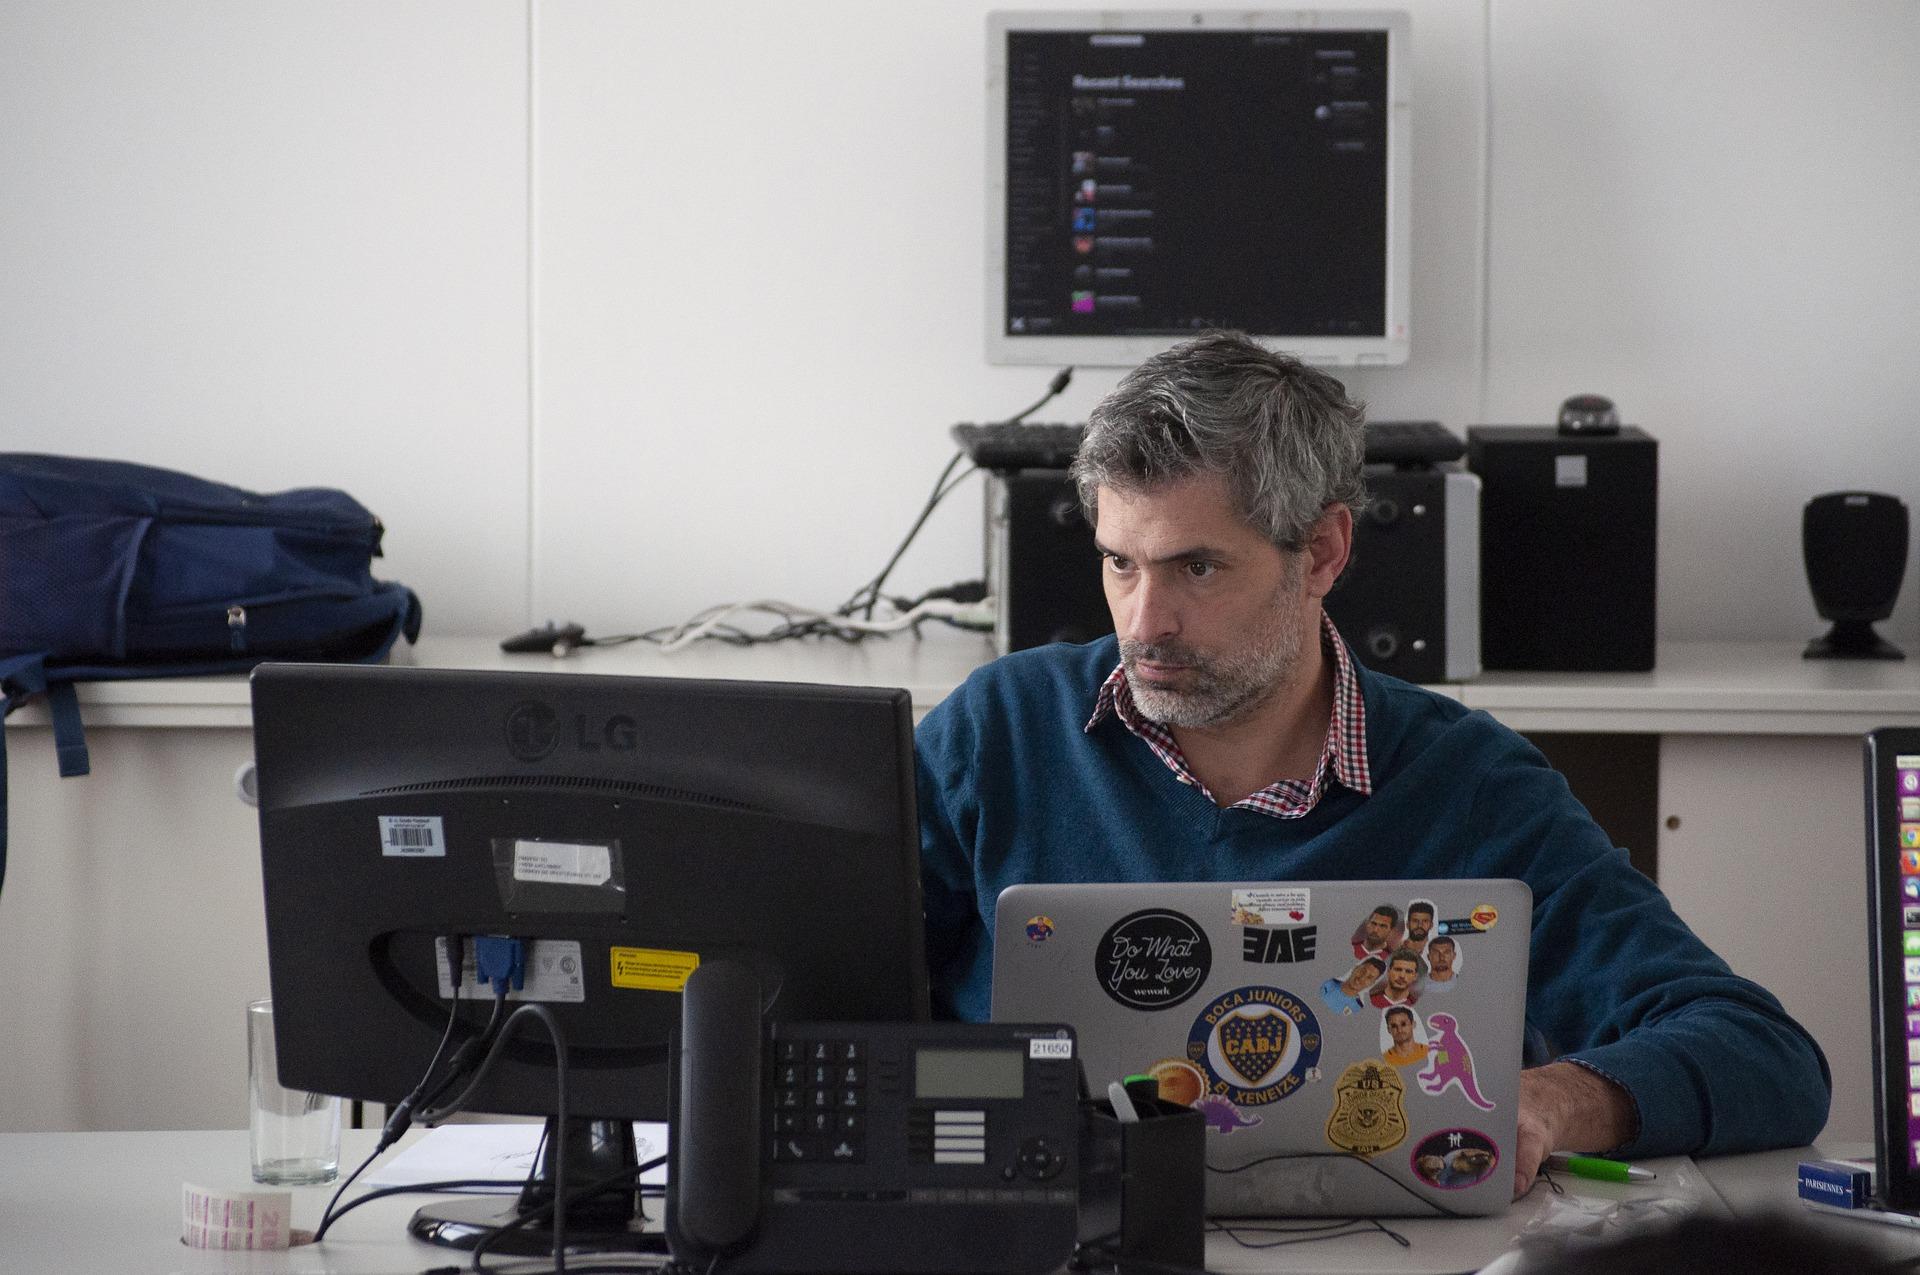 Développeur agile en portage salarial